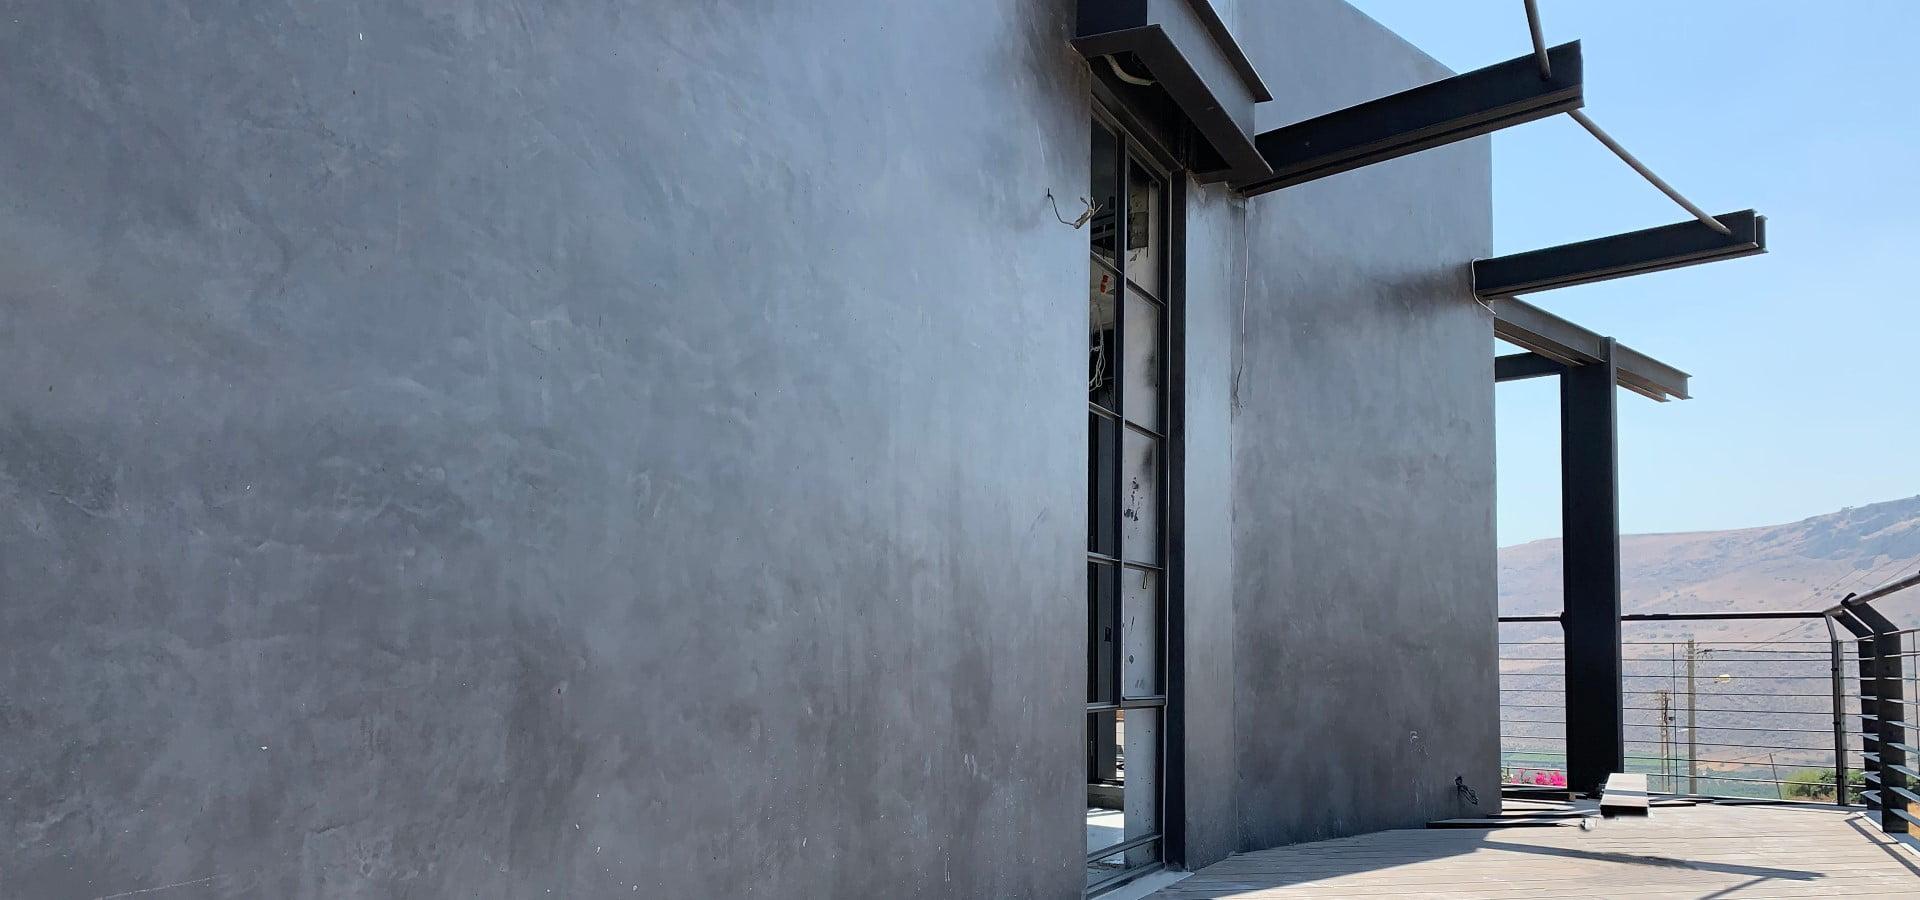 בטון מוחלק לקירות חיצוניים בגוונים לפי בחירה